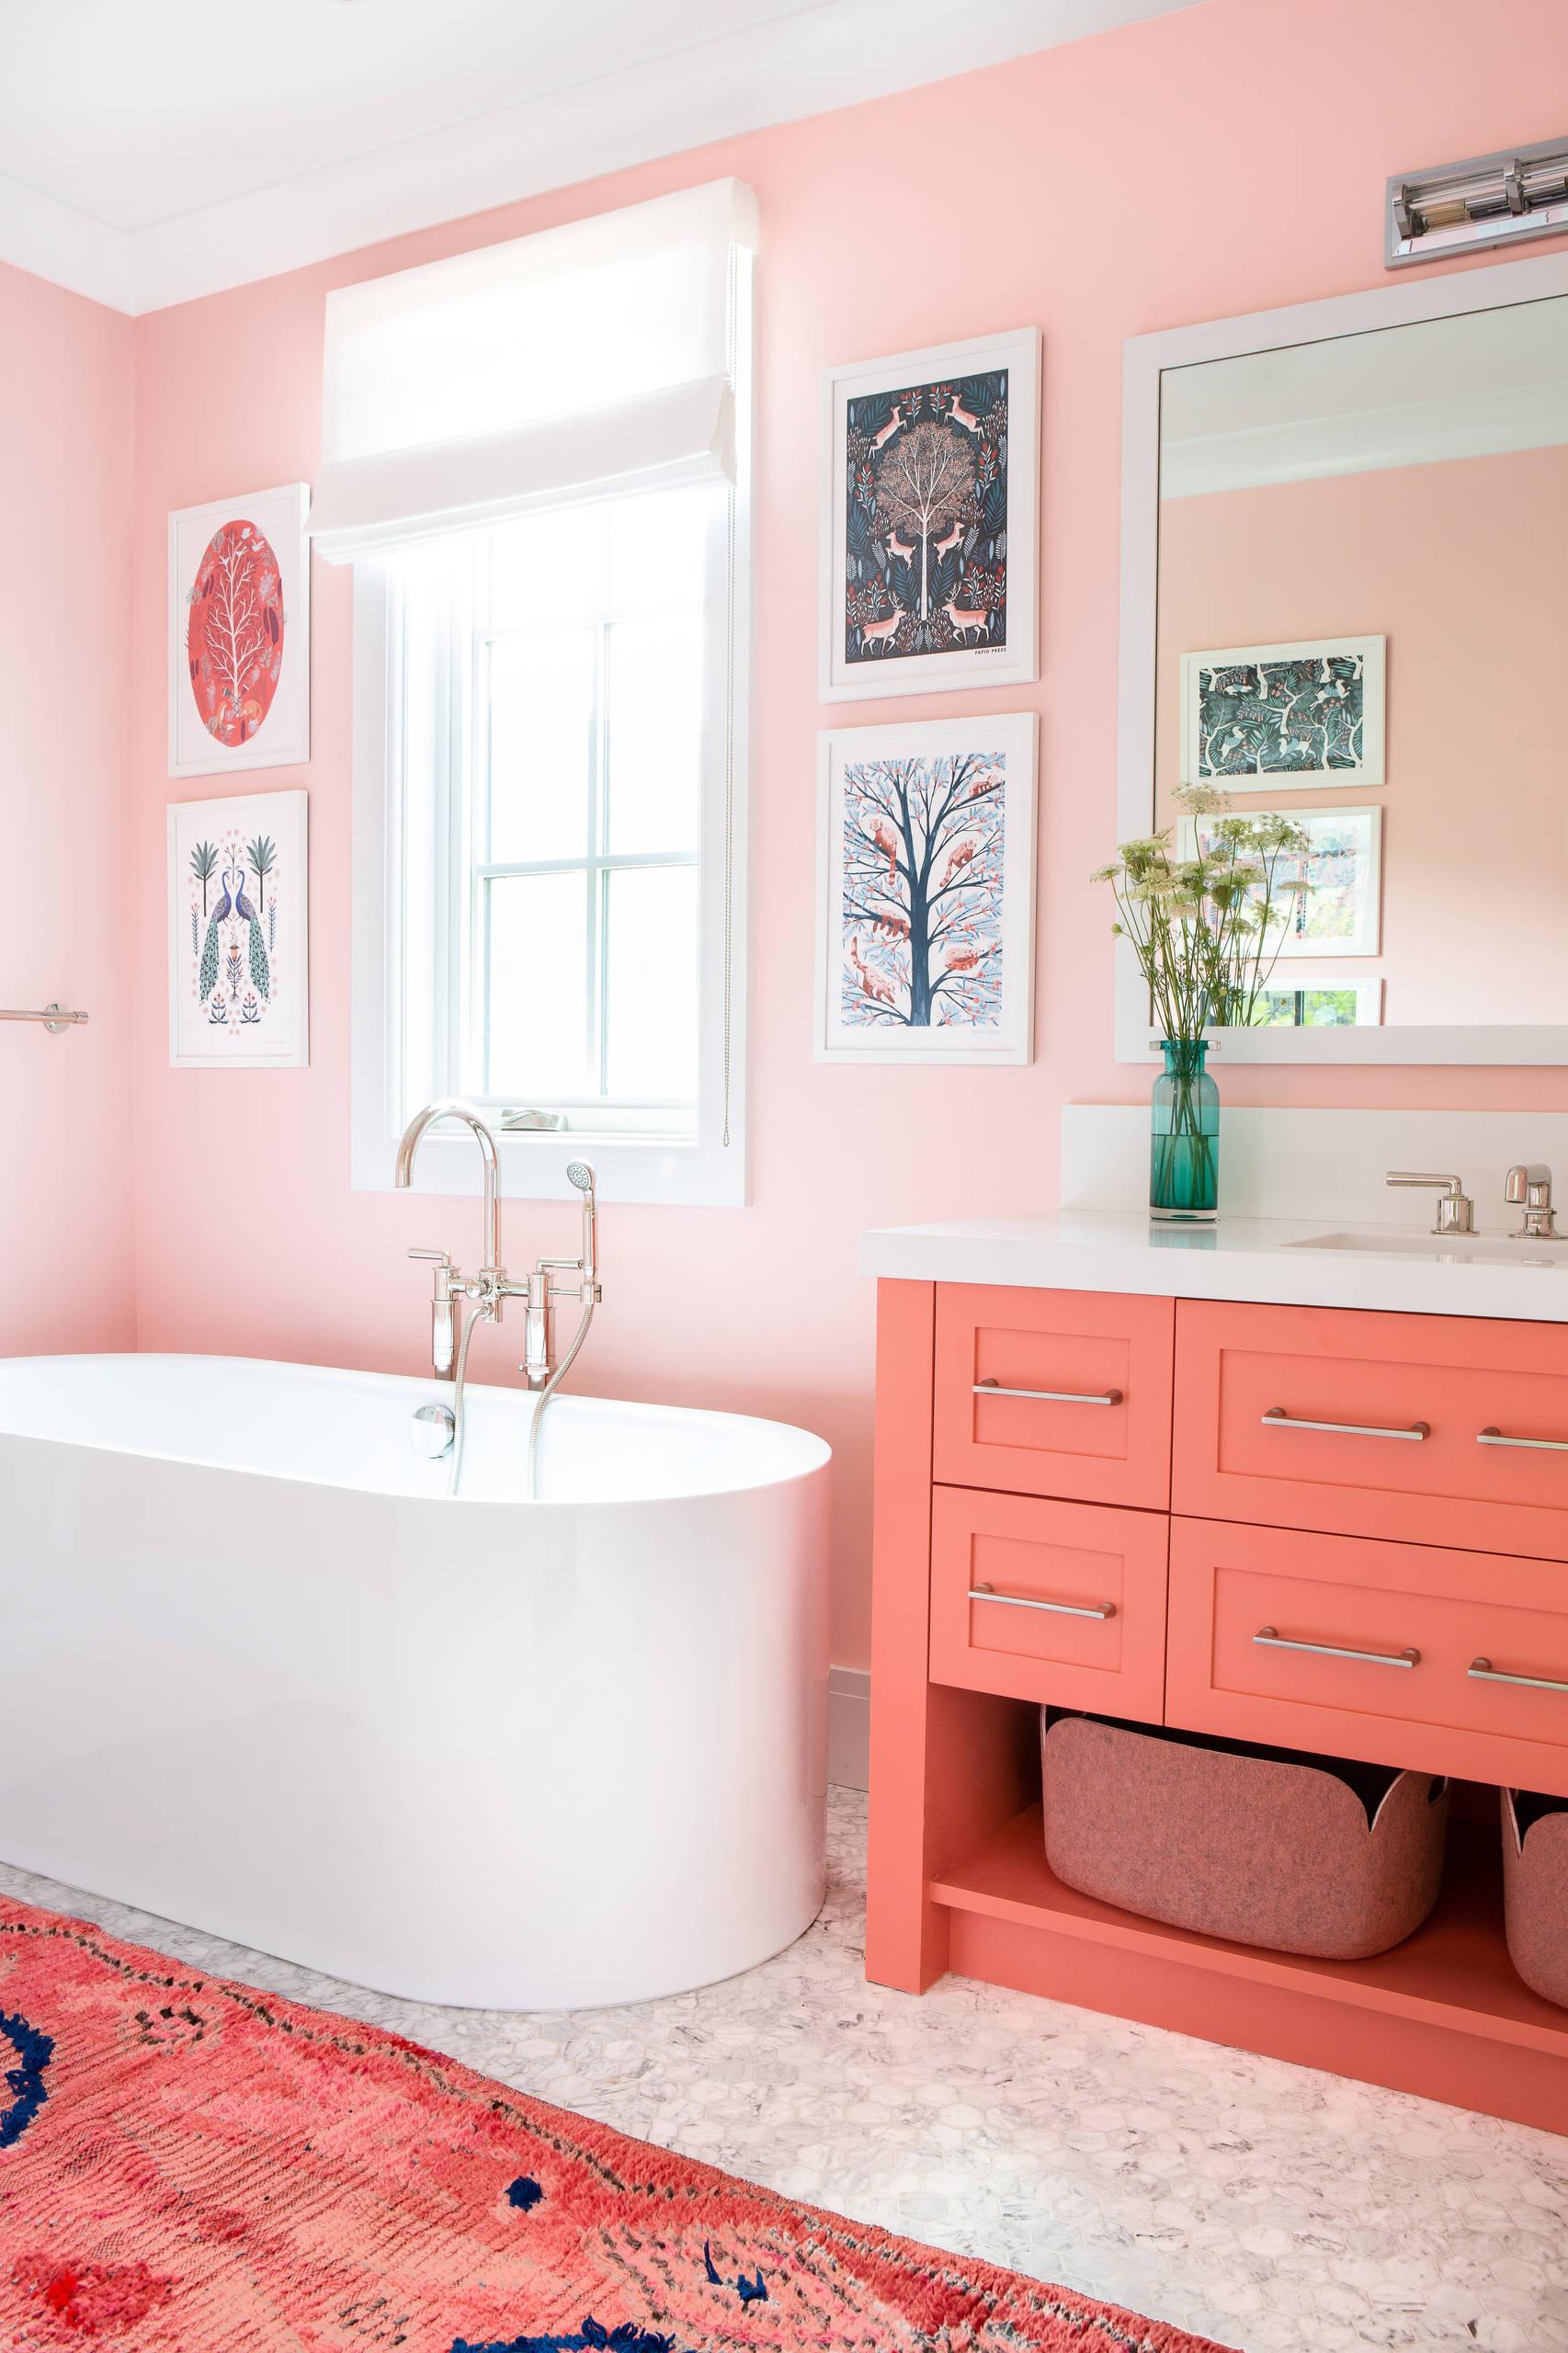 Những bí mật trang trí tường phòng tắm tạo nên không gian vui nhộn, đặc sắc - Ảnh 4.